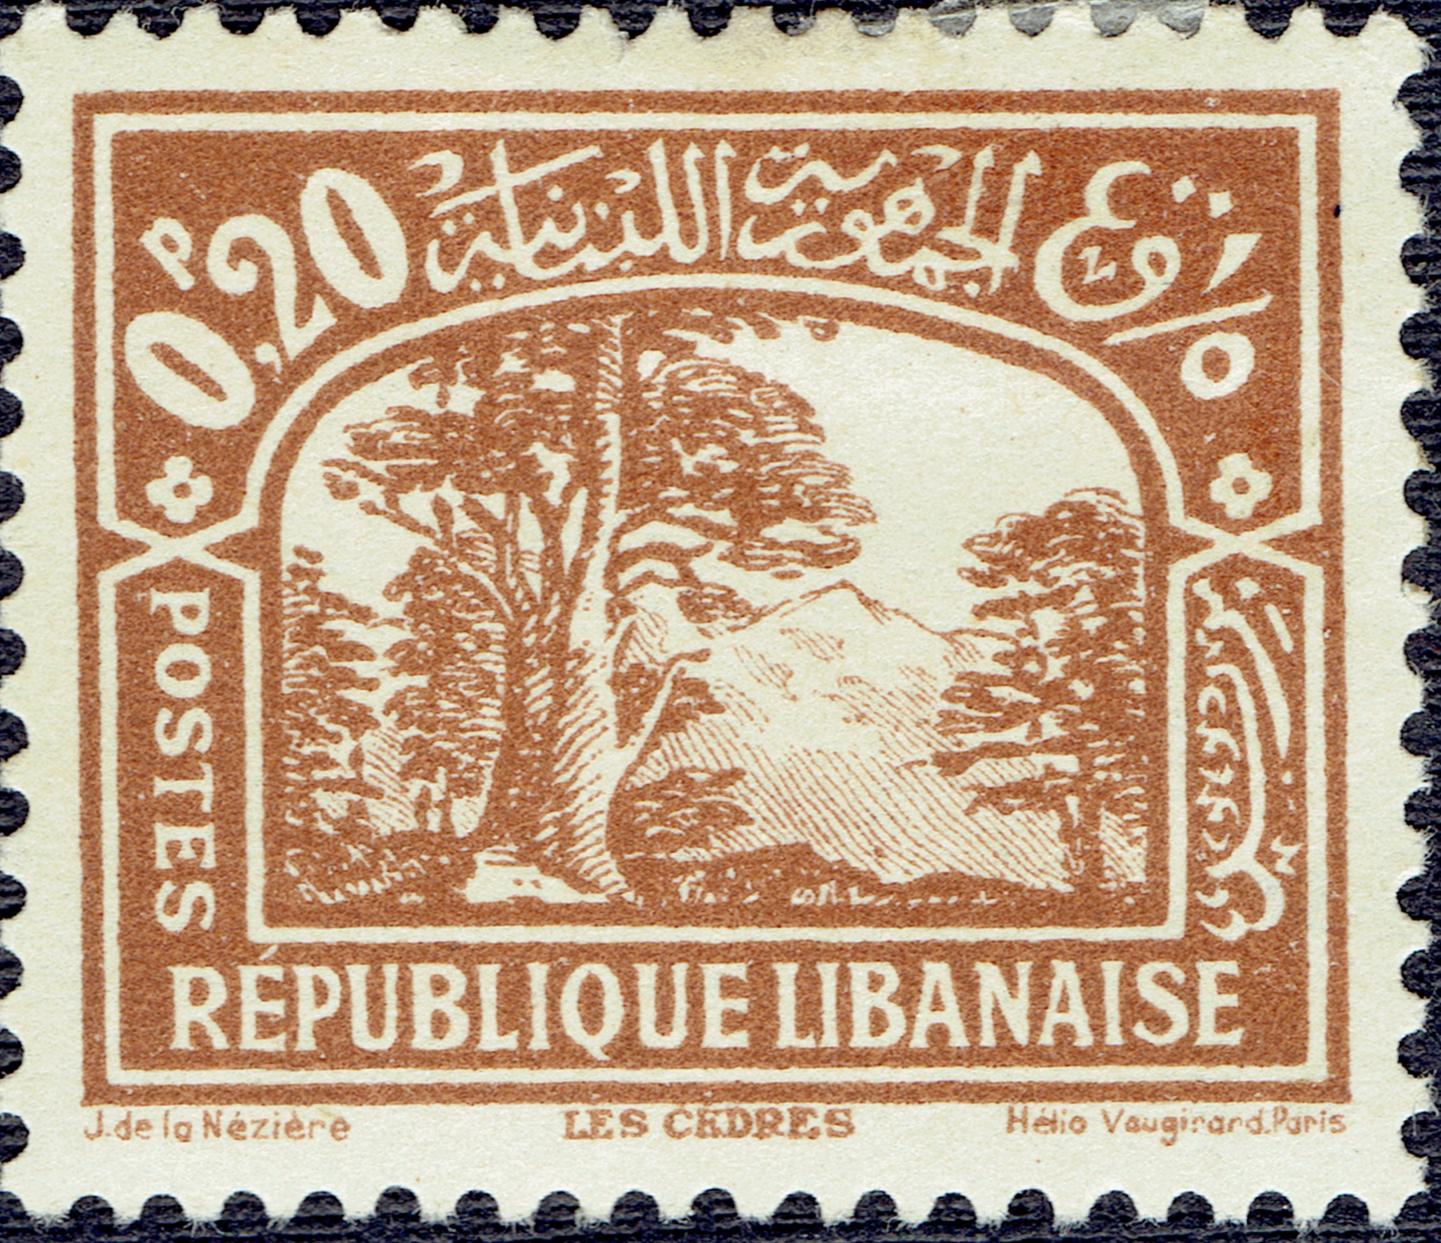 Lebanon #115 (1930)